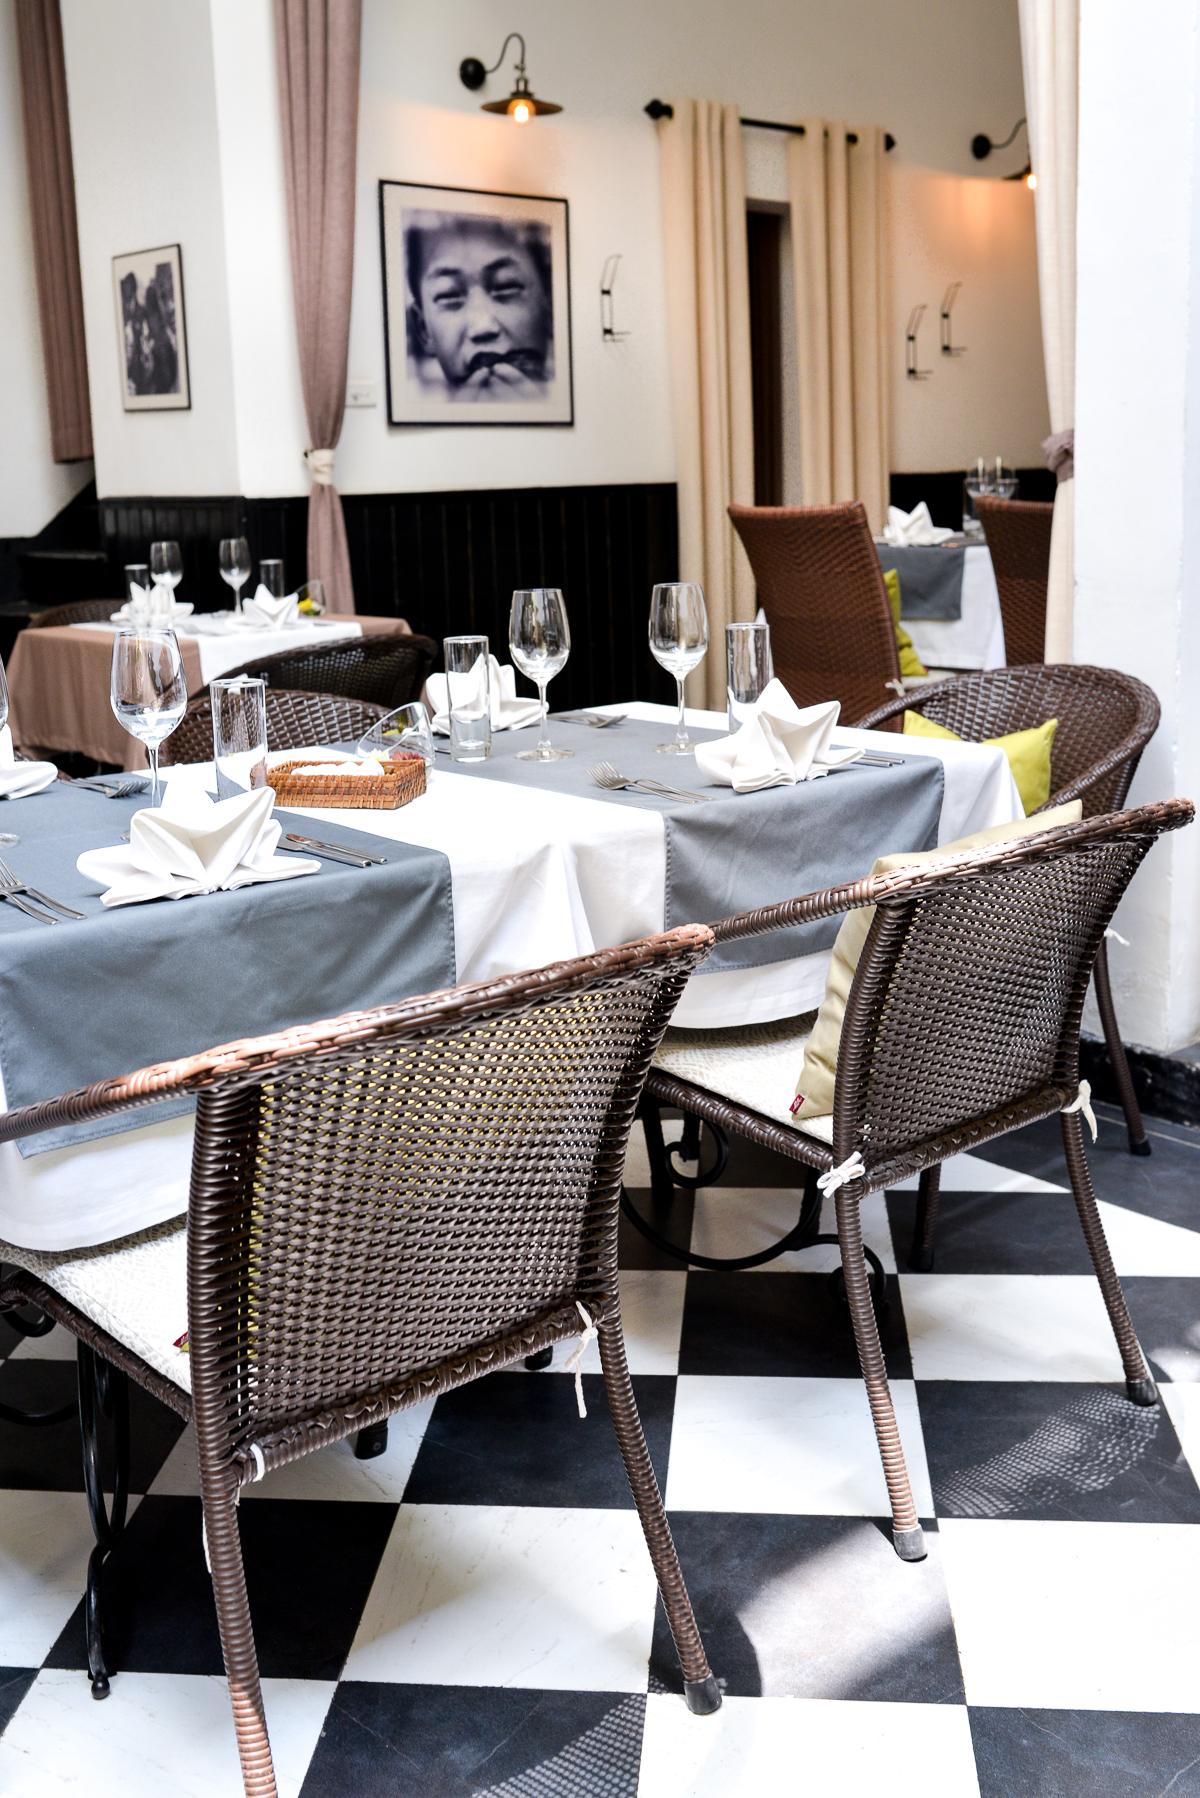 Stacie Flinner La Badiane French Restaurant Hanoi Vietnam-15